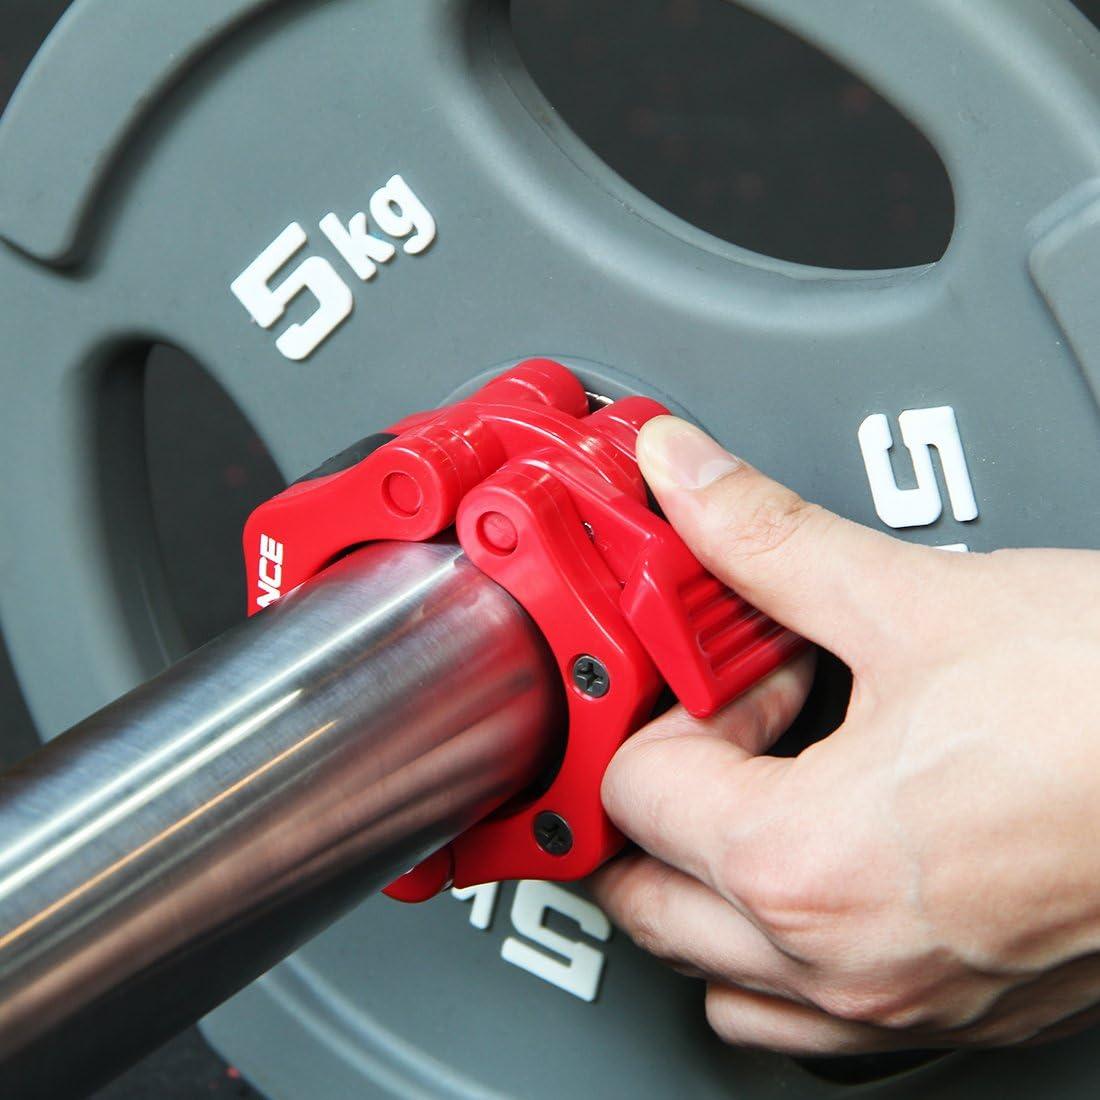 Sollevamento Pesi Bilanciere Morsetto Collare Coppia Di Sgancio Rapido Del Blocco 2 Olimpico Bar Grande Per La Formazione Trasversale Fitness Garanzia a vita